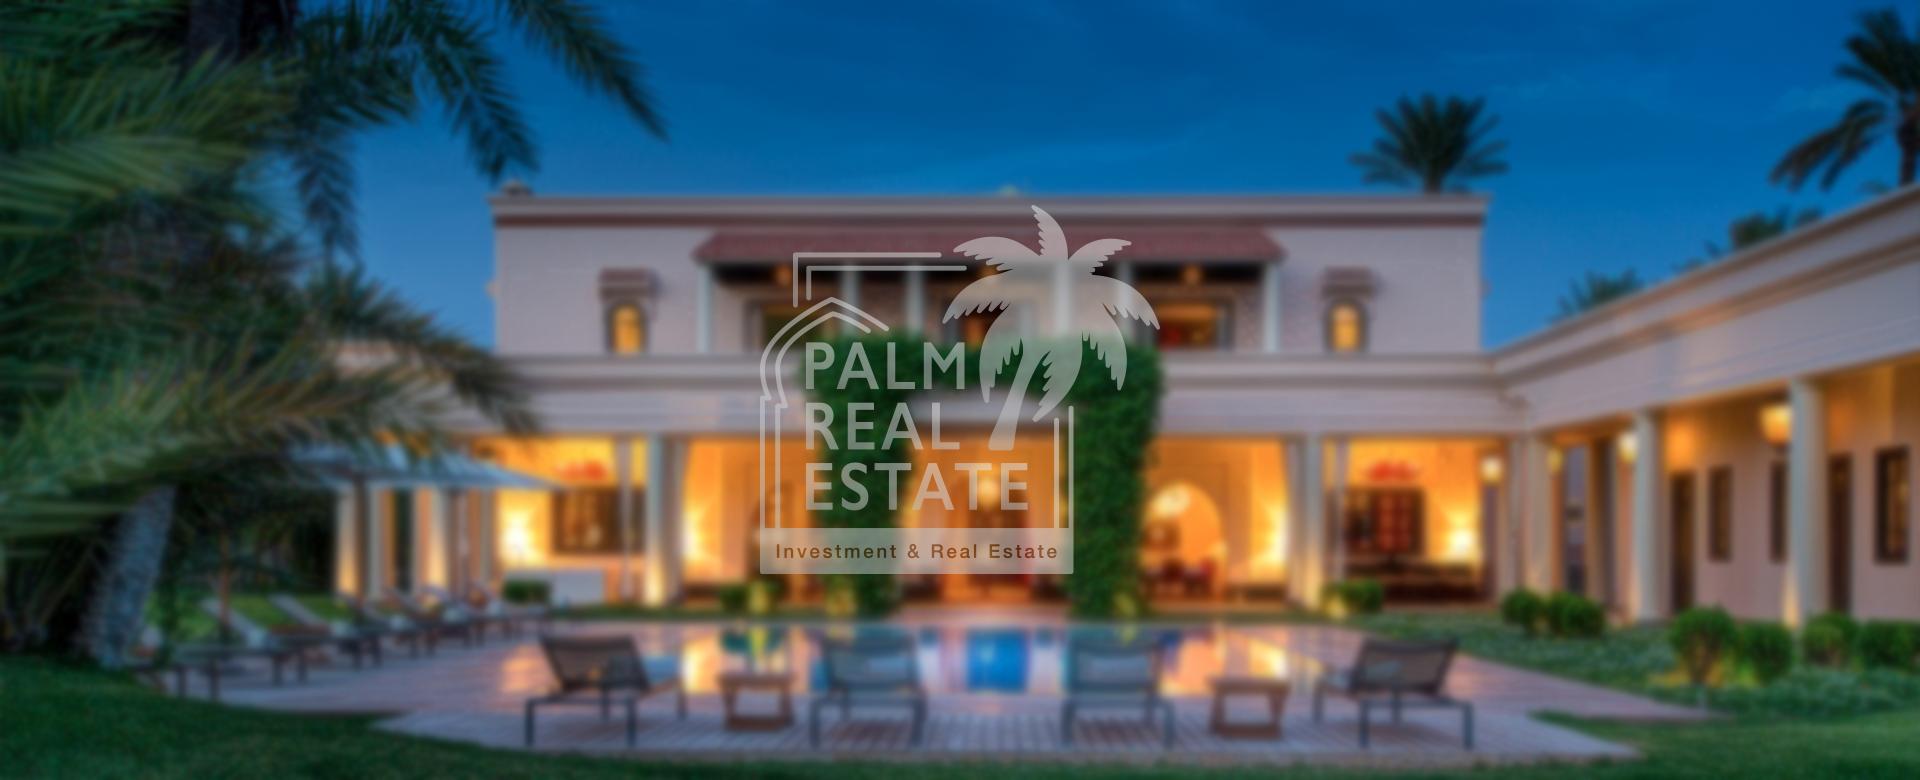 PALM REAL ESTATE votre partenaire sur le marché immobilier au Maroc